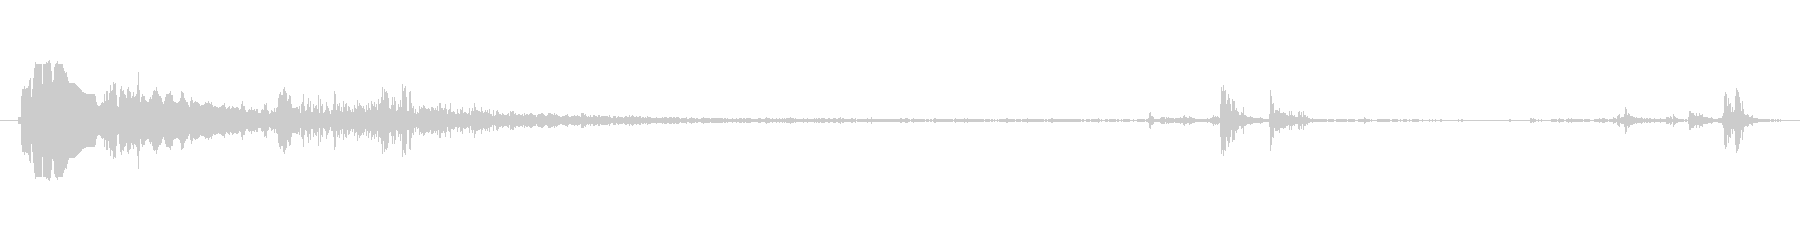 ショットガンポンプ1の未再生の波形